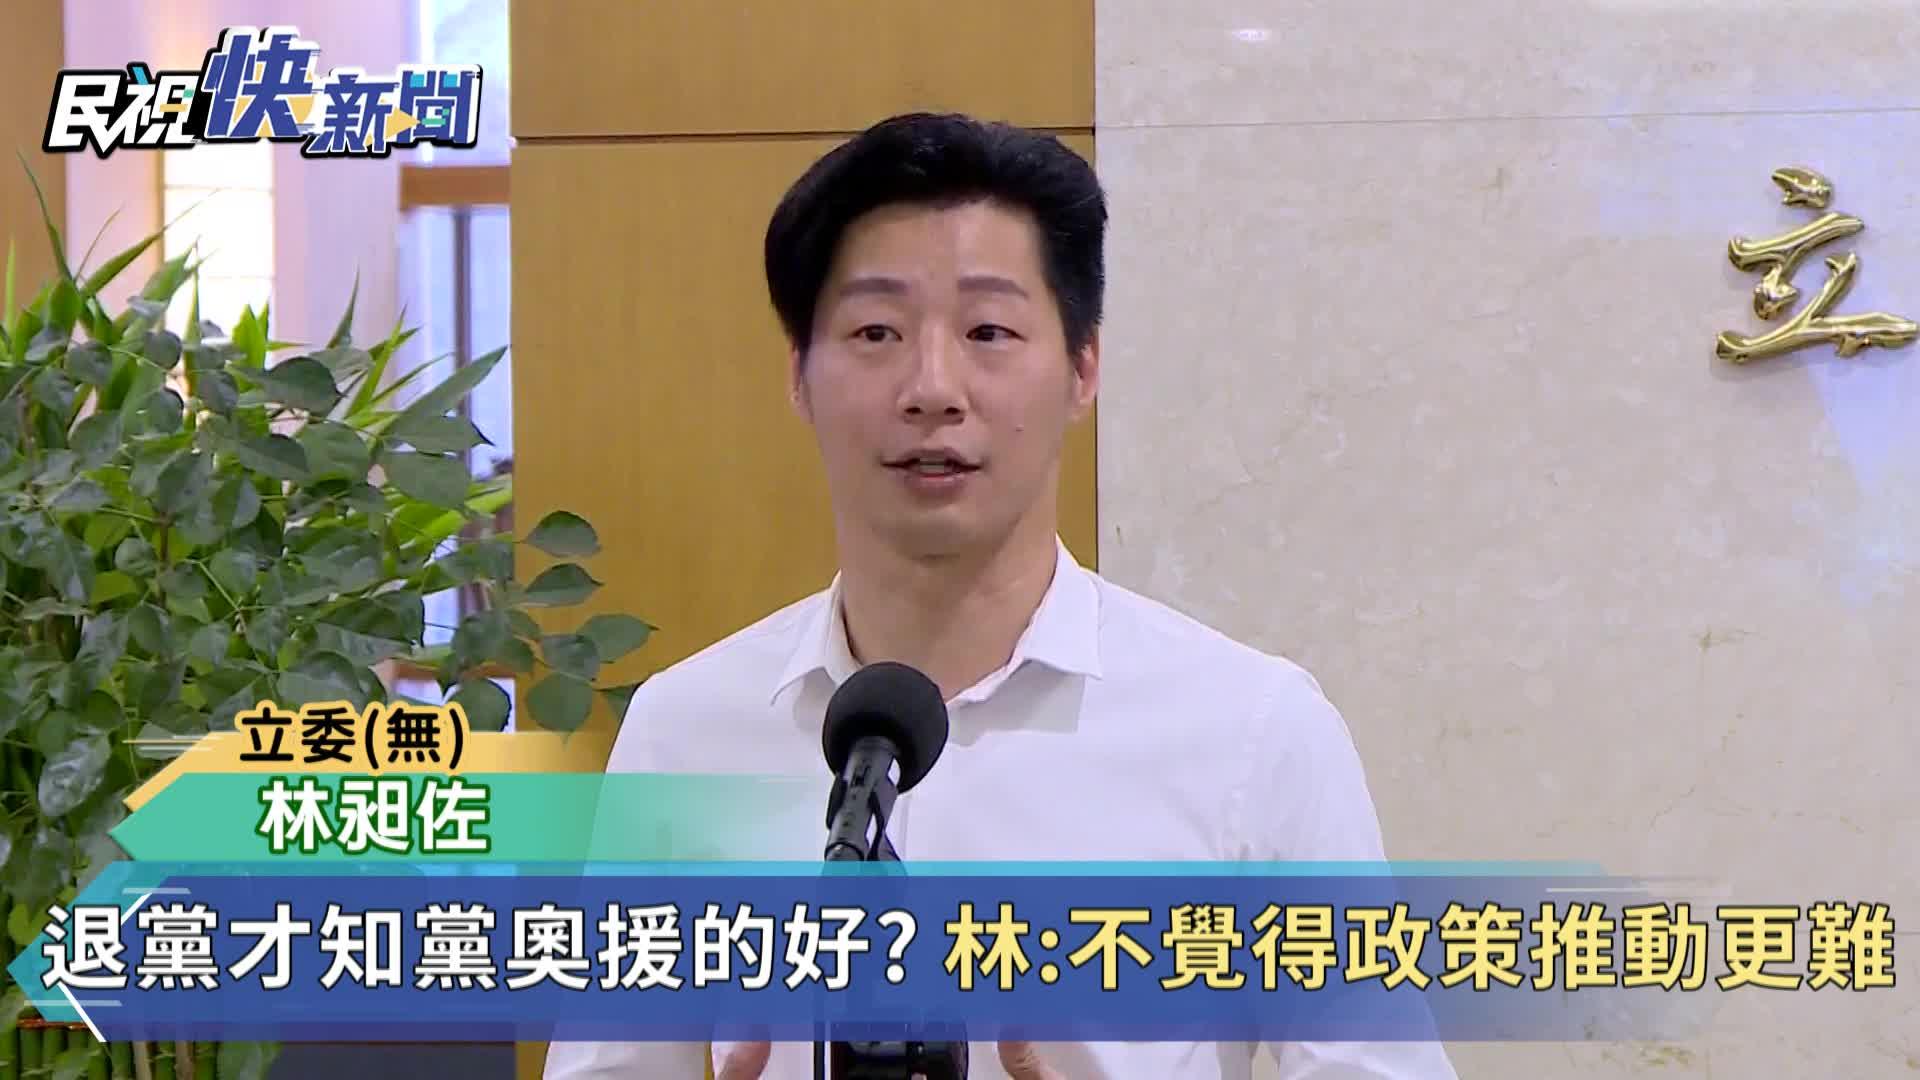 快新聞/遭指涉及人頭黨員案 林昶佐反批時力放話文化